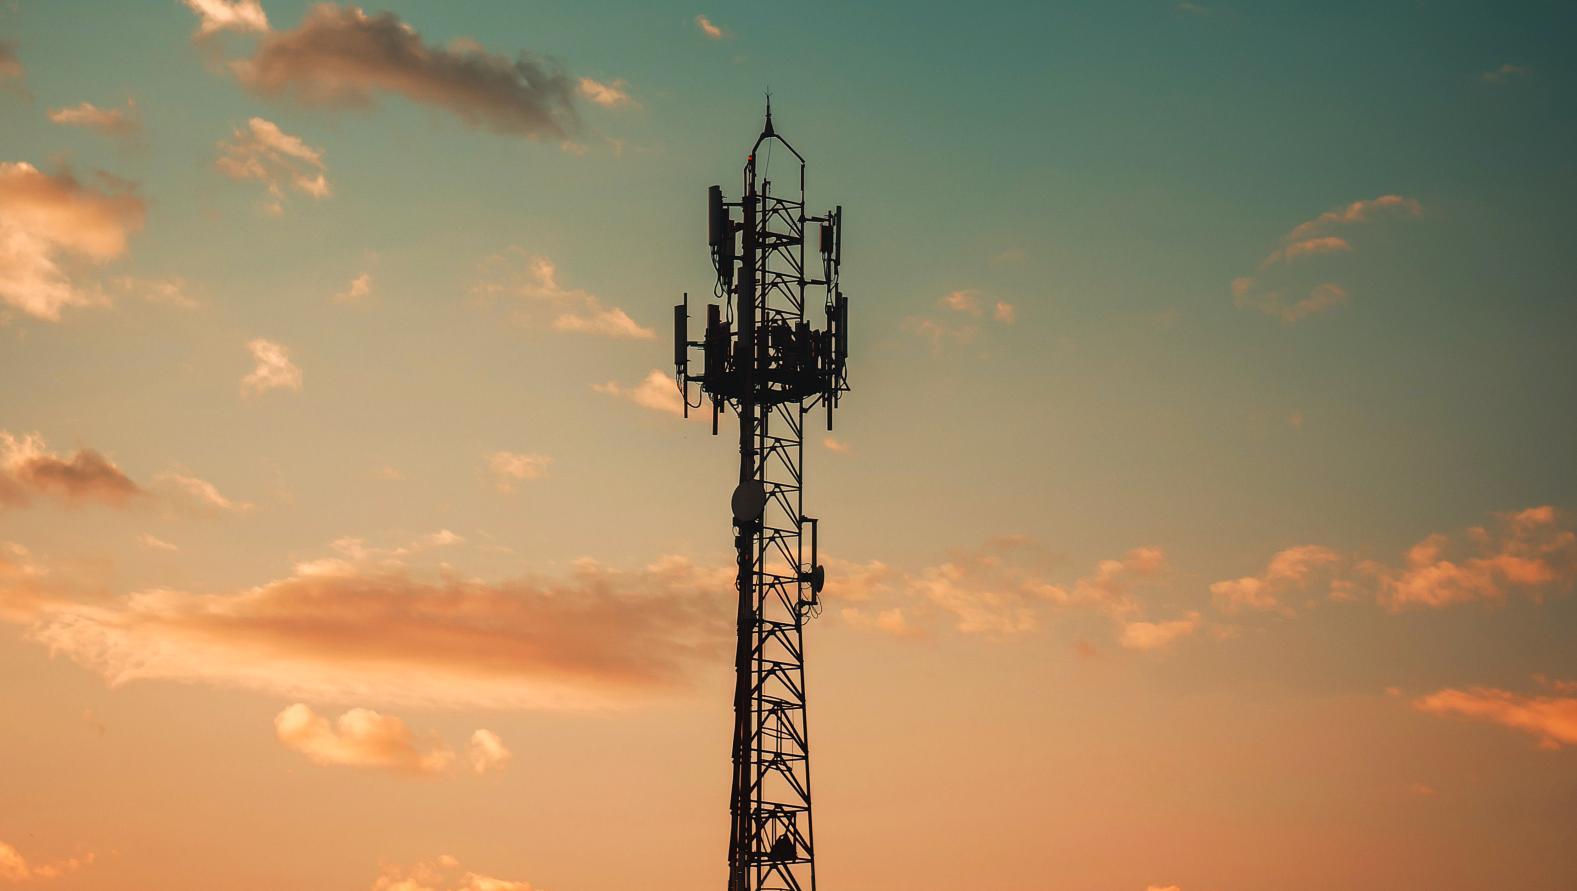 Aumenta 23% inversión en infraestructura de telecom en 2019